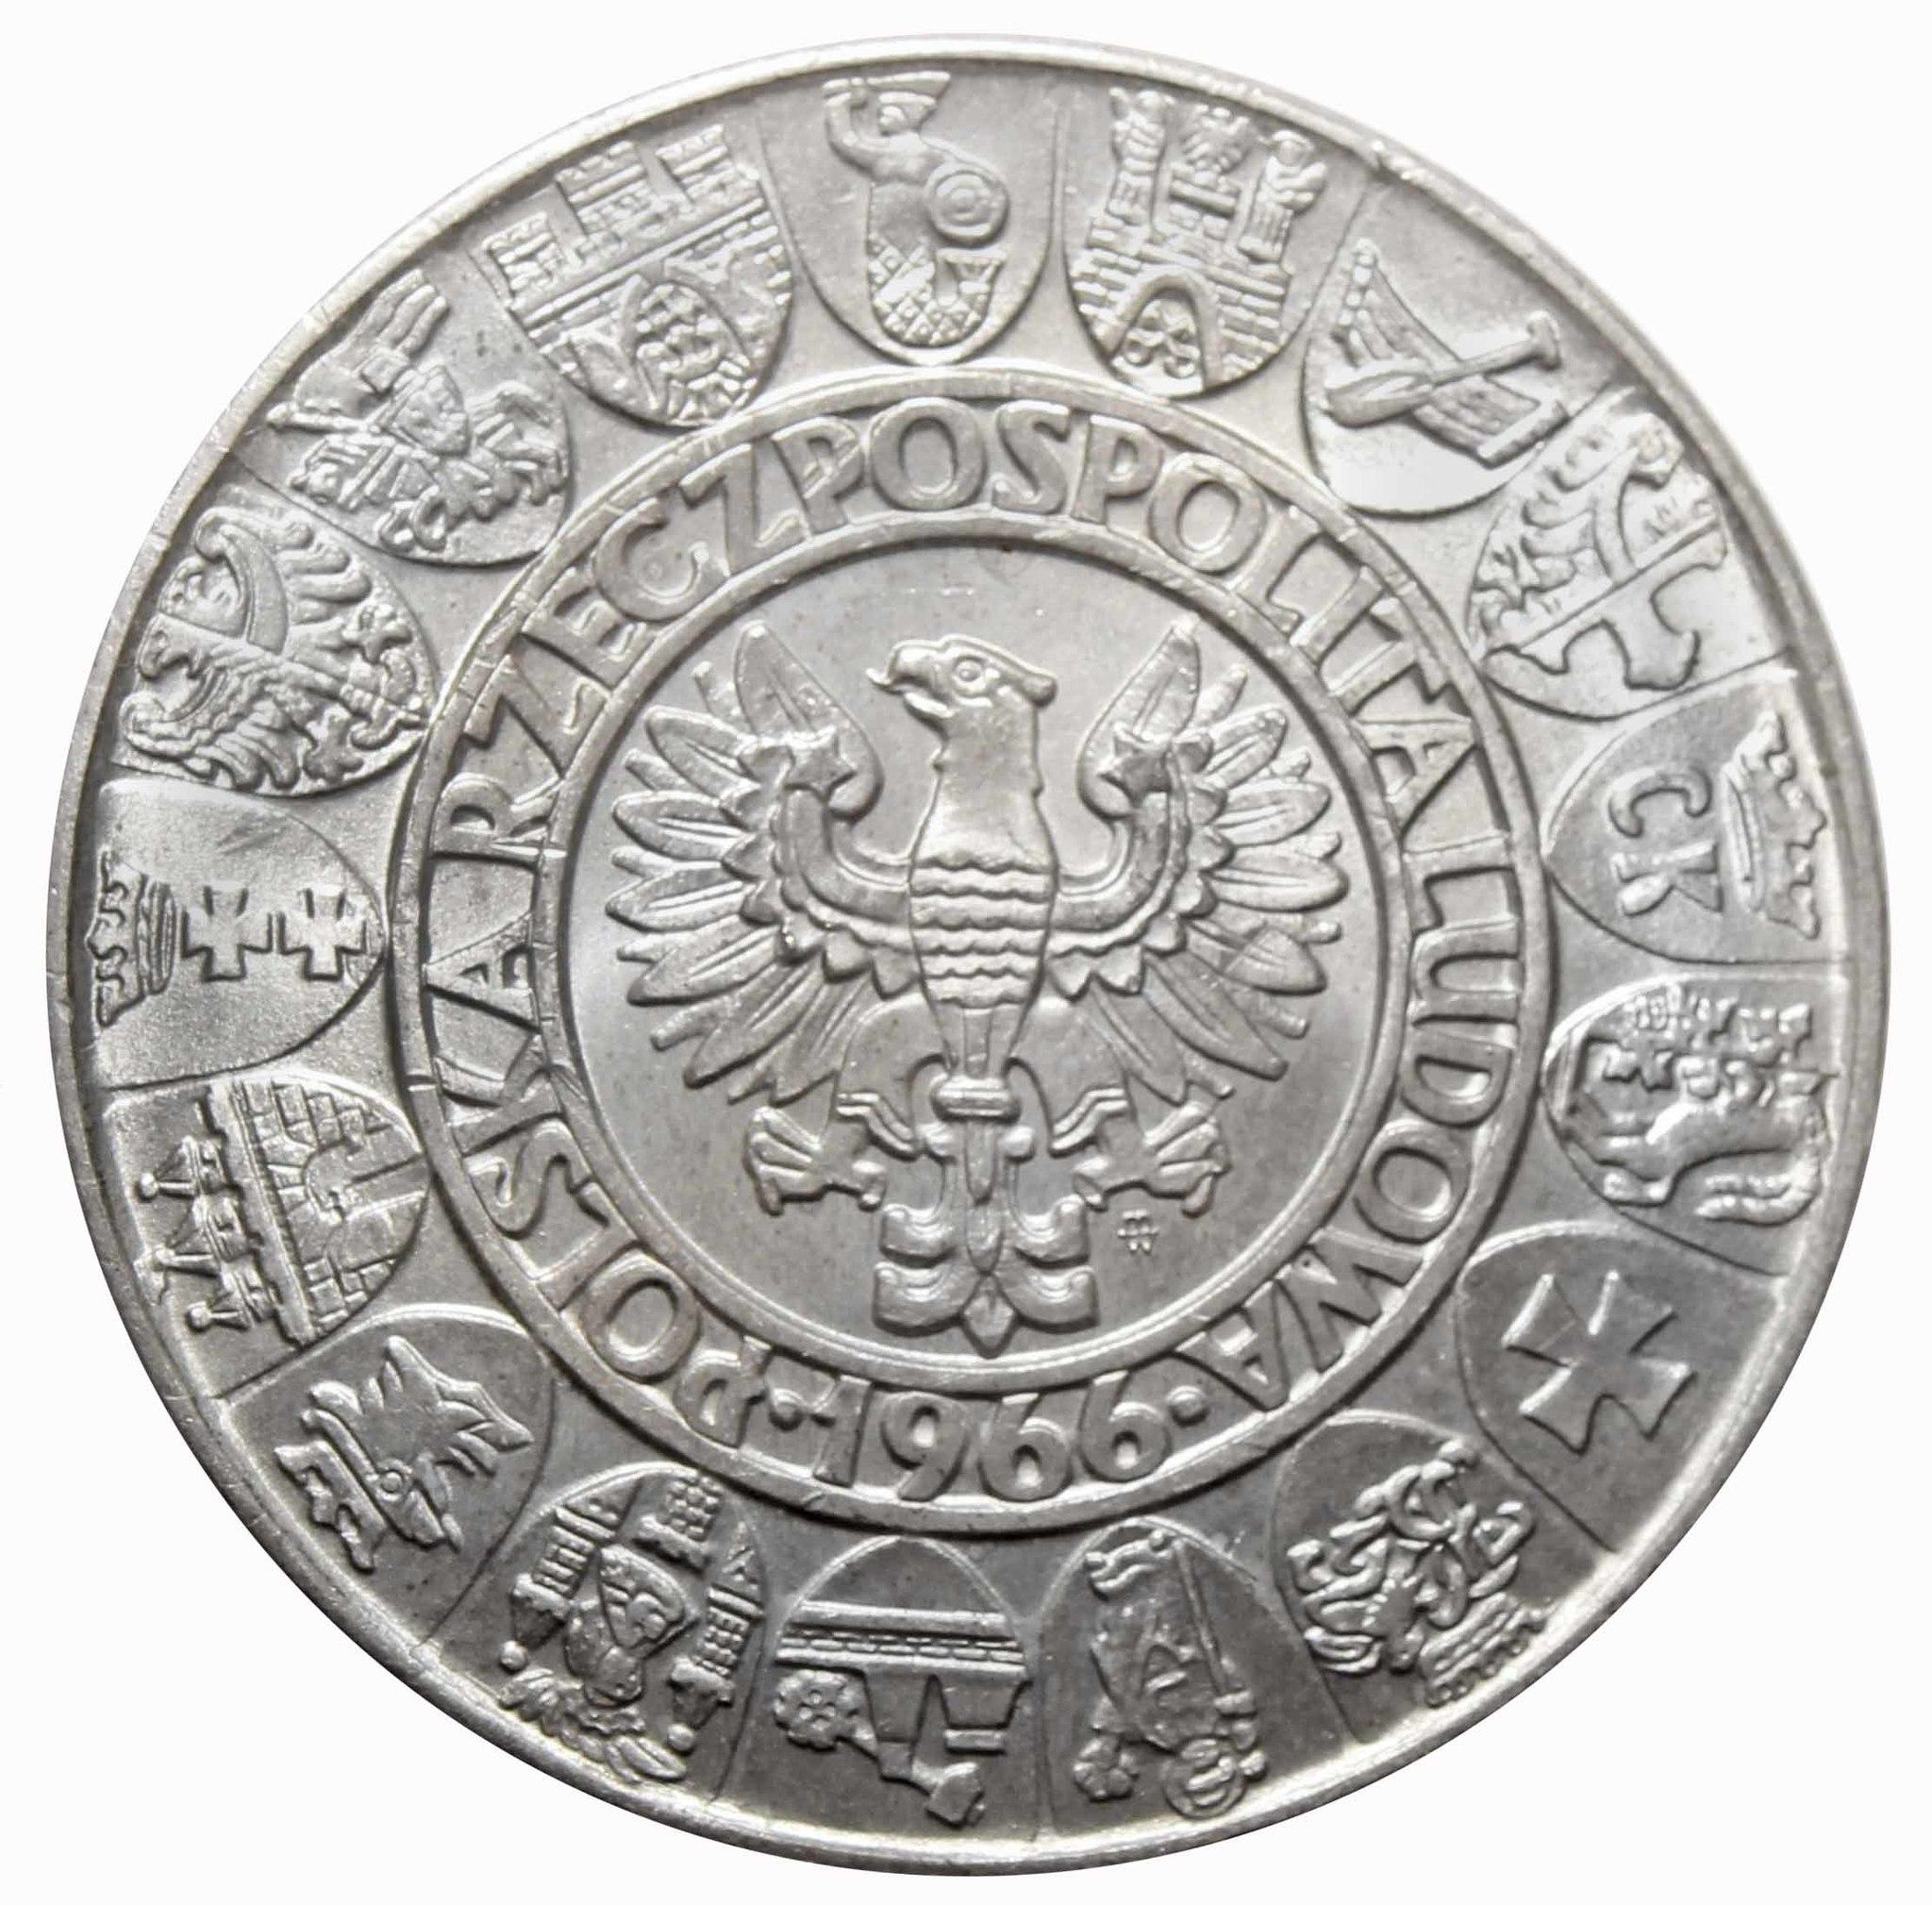 100 злотых 1966 год. 1000-летие Польши. Польша.